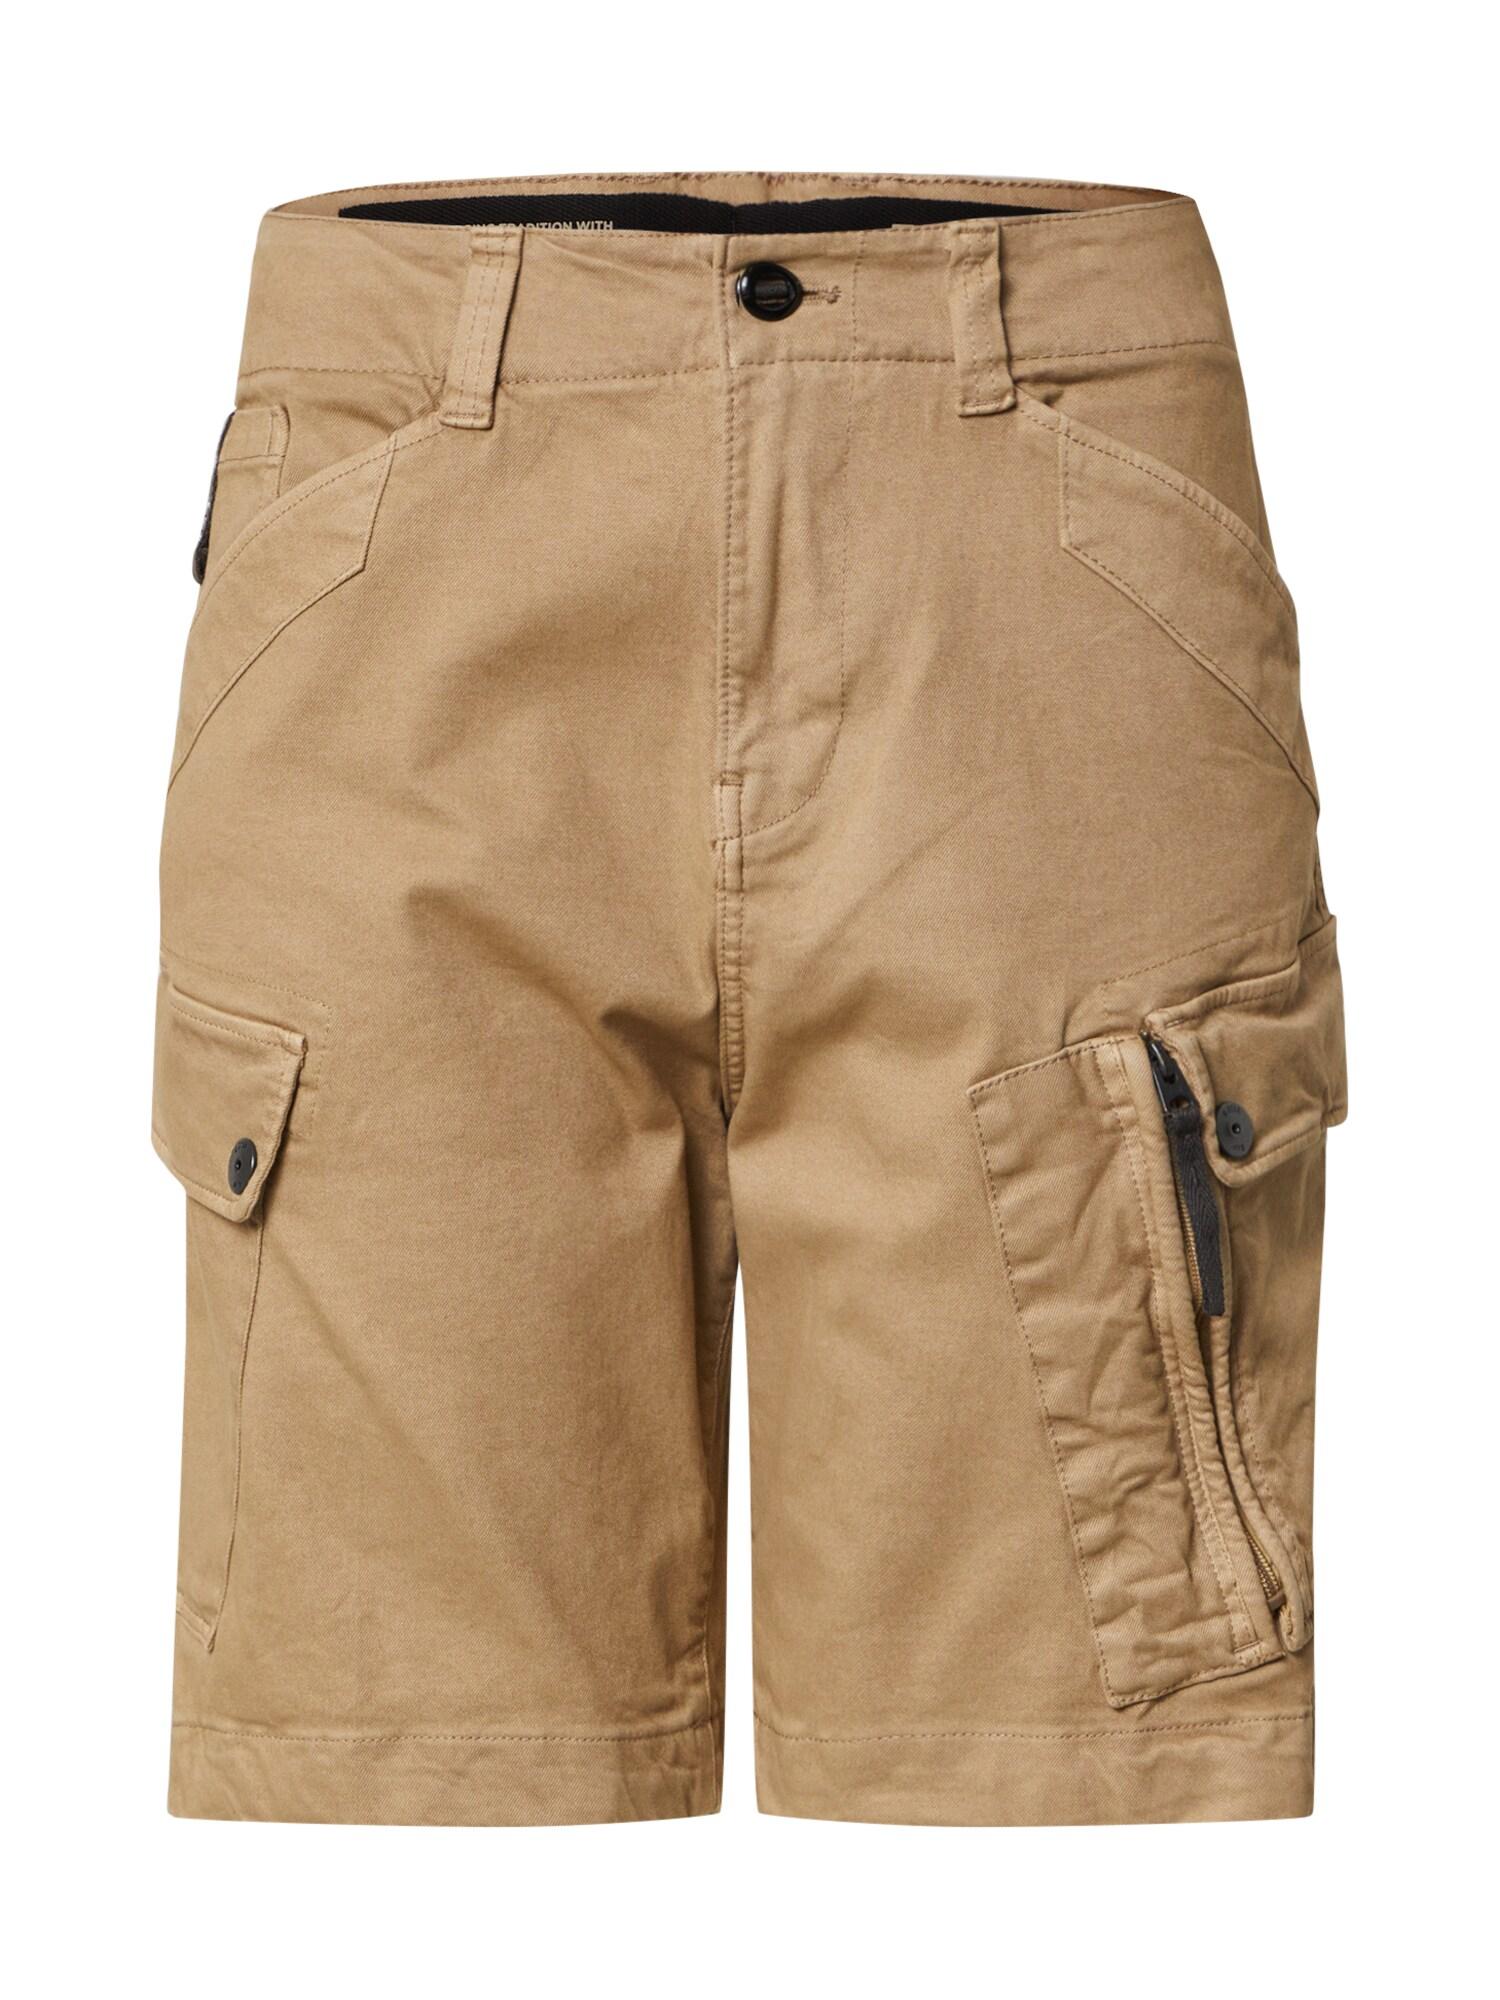 G-Star RAW Laisvo stiliaus kelnės 'Roxic' kupranugario